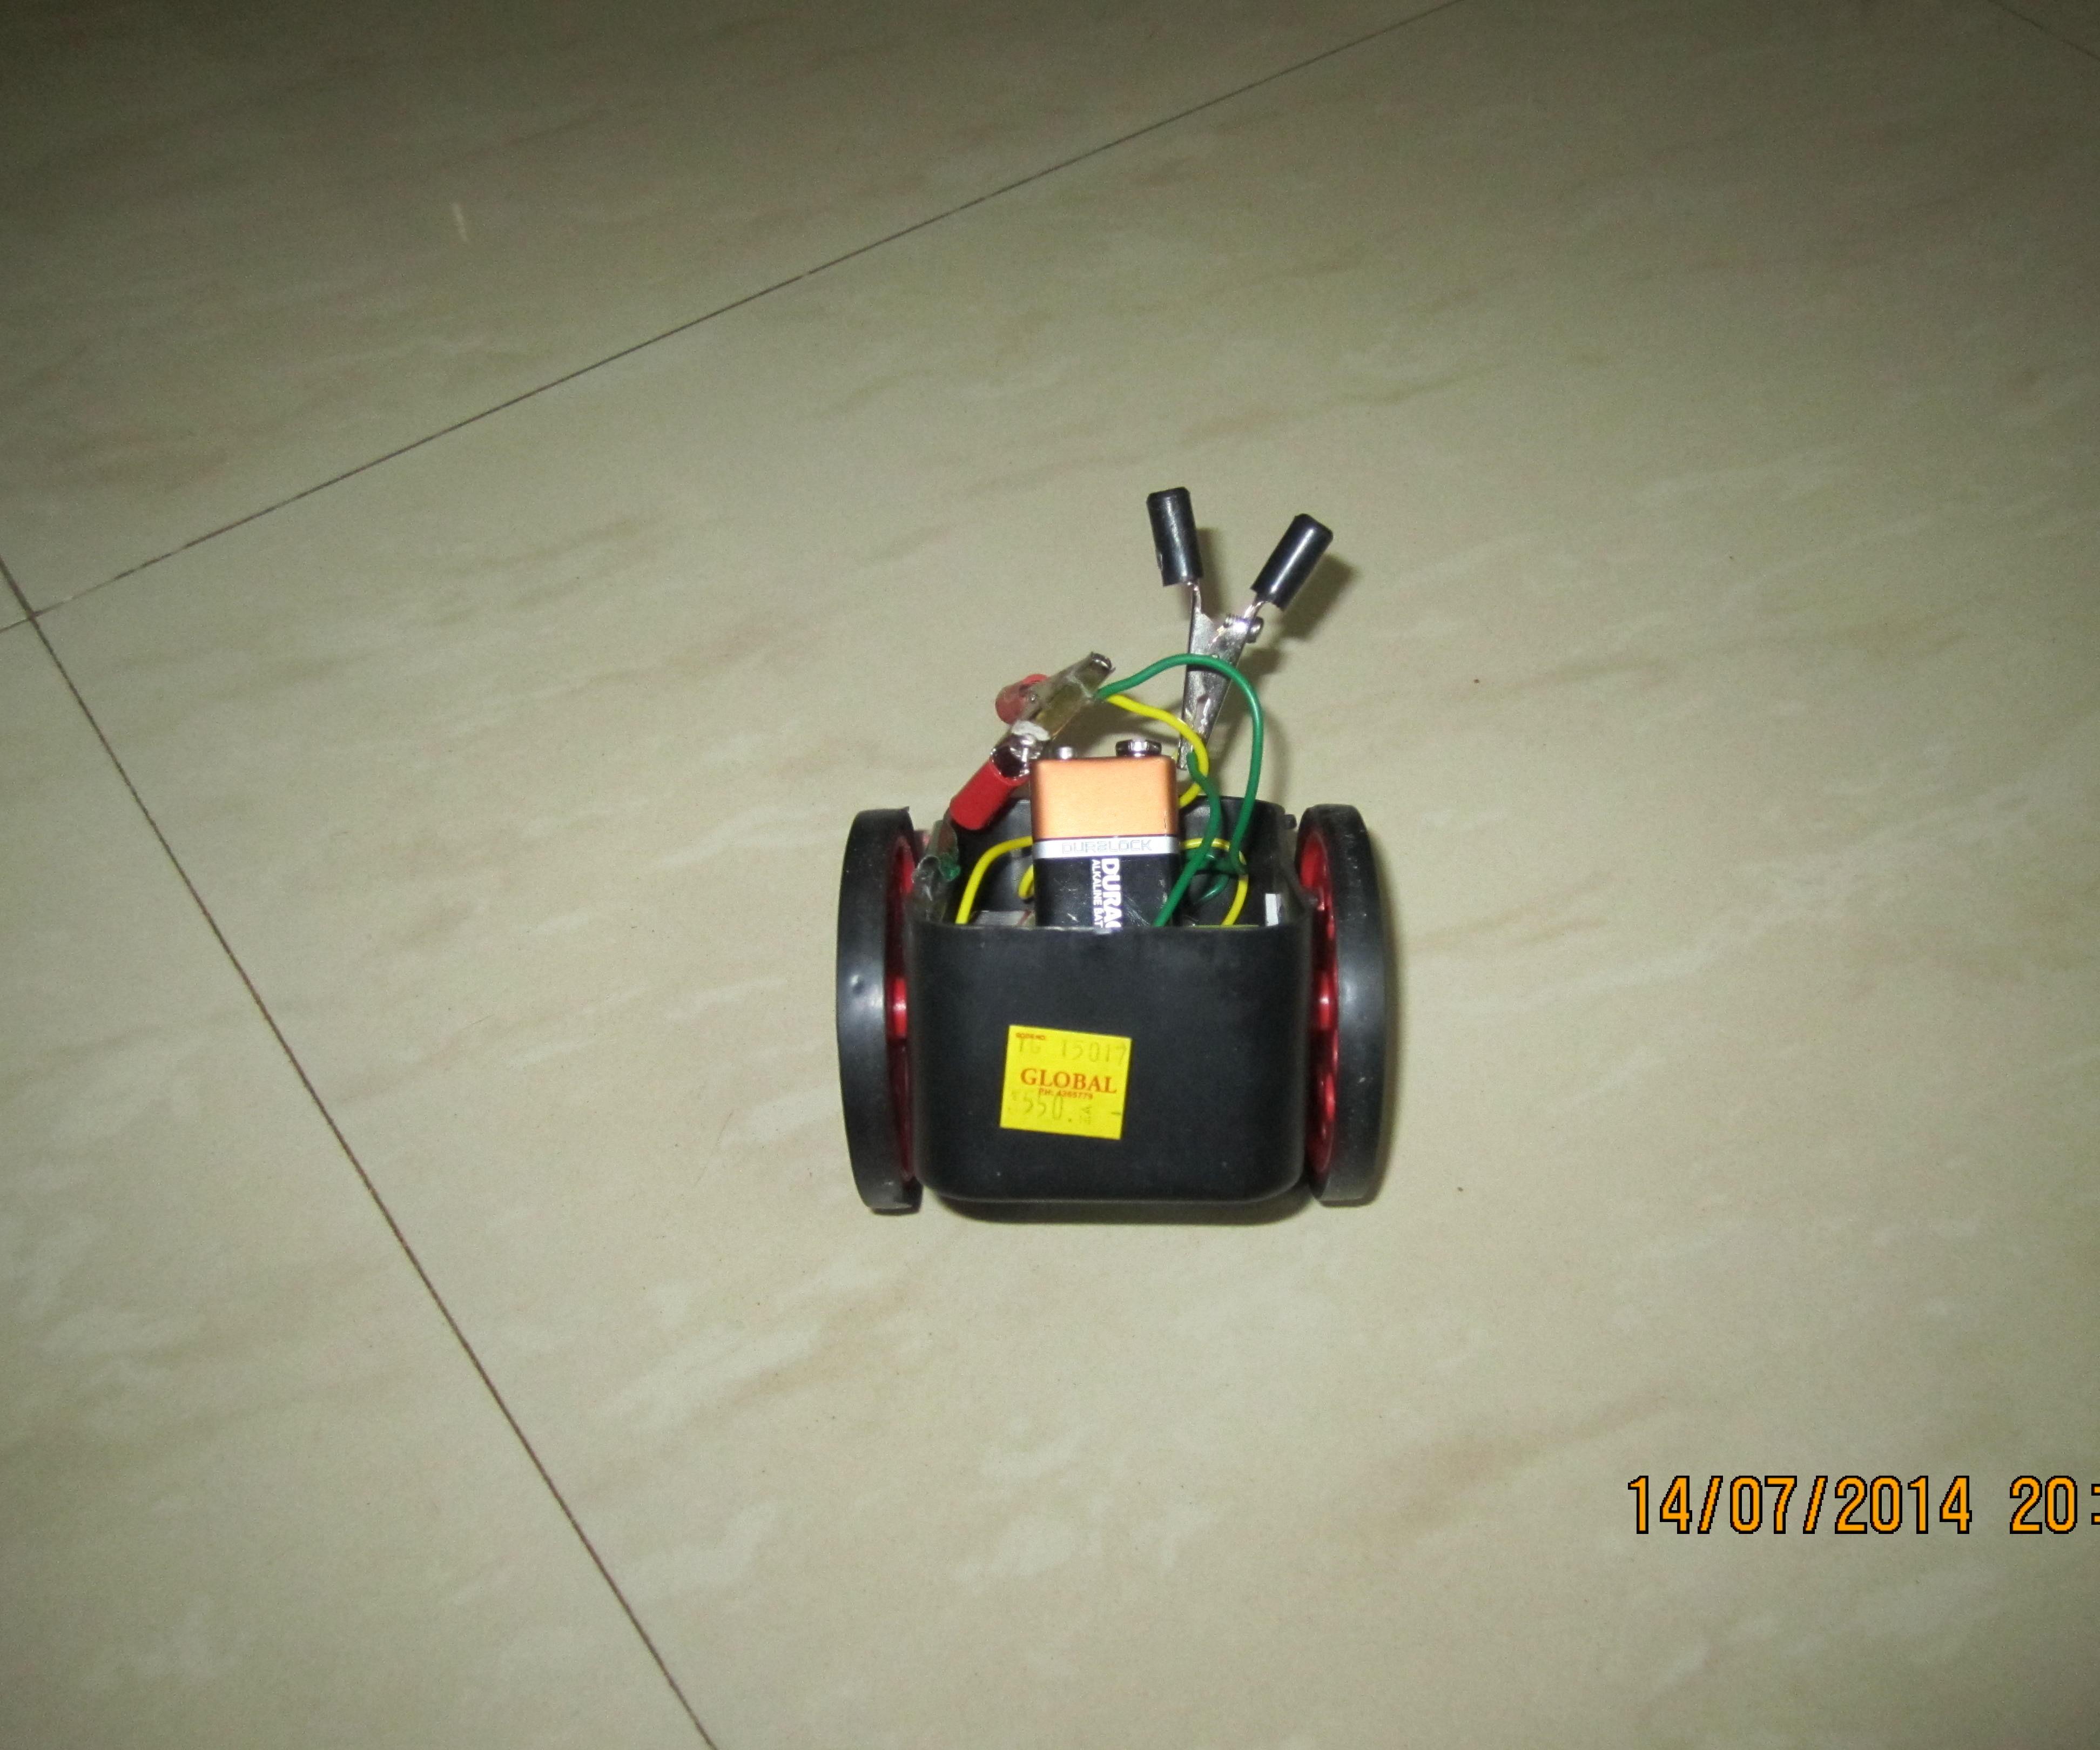 beginner autonomous robot (partially)